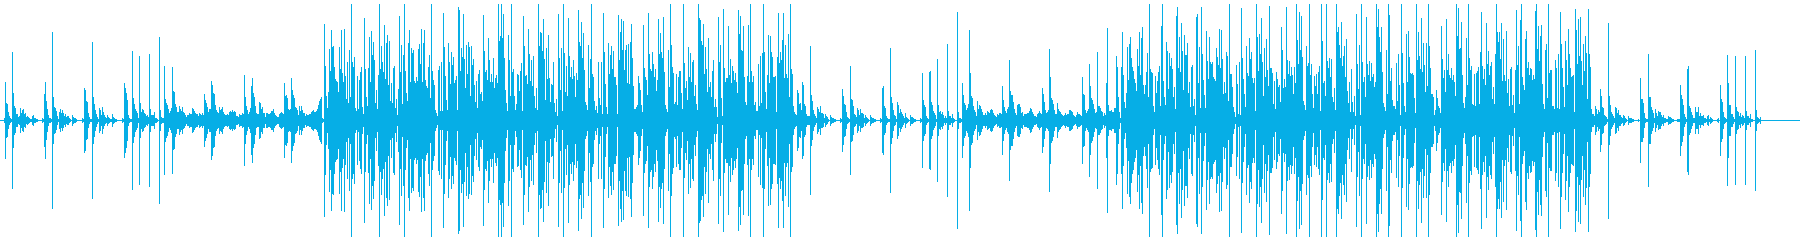 クールダウンなフューチャーベースの再生済みの波形